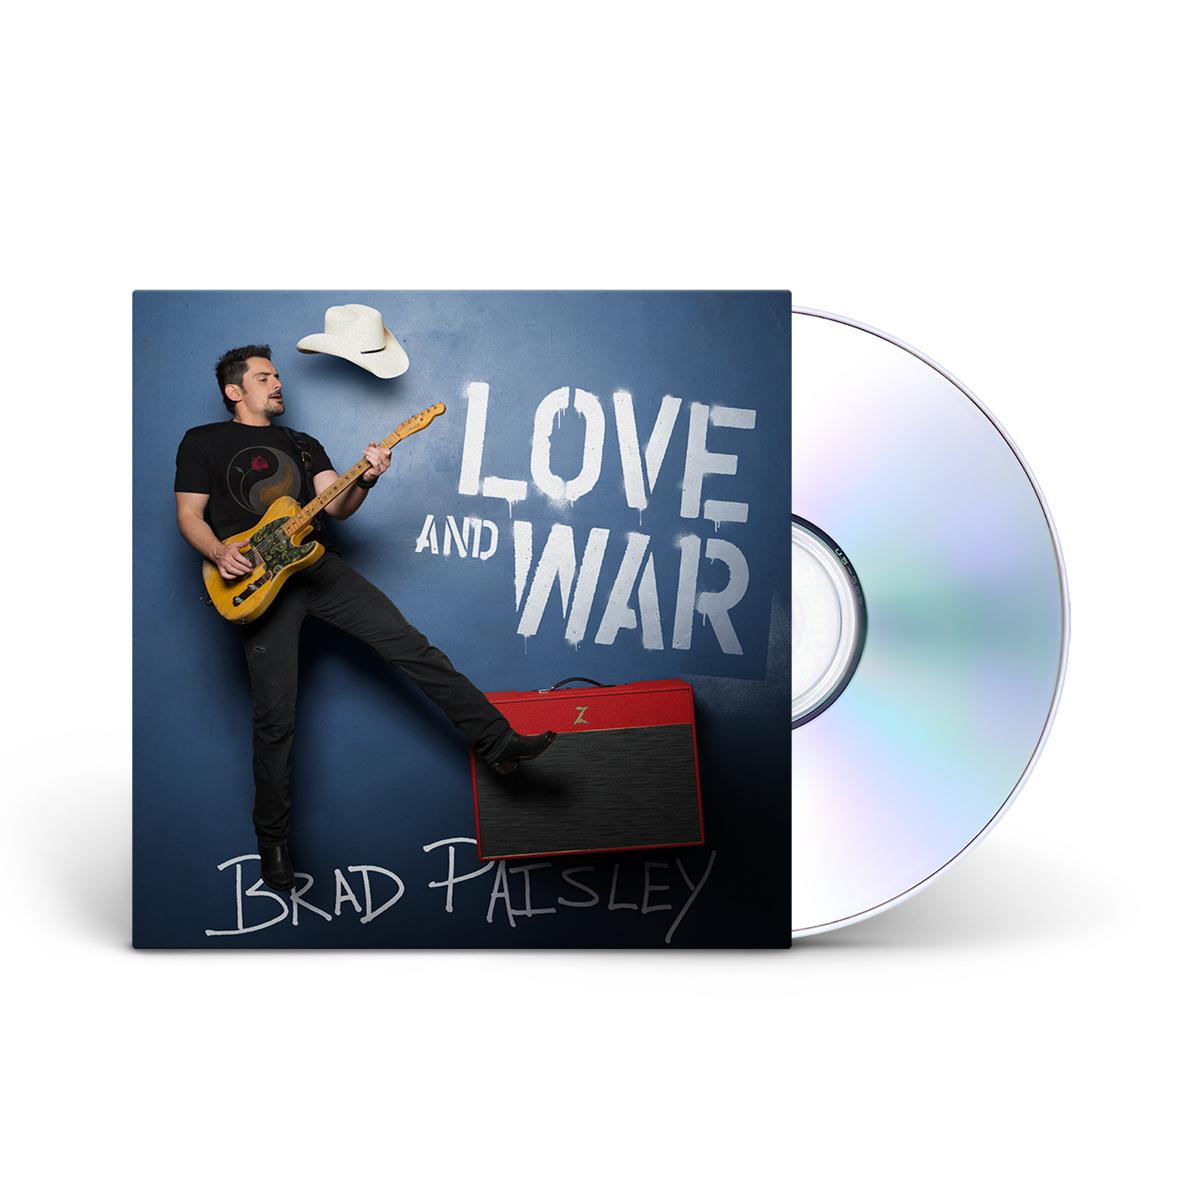 Brad Paisley - Love and War CD